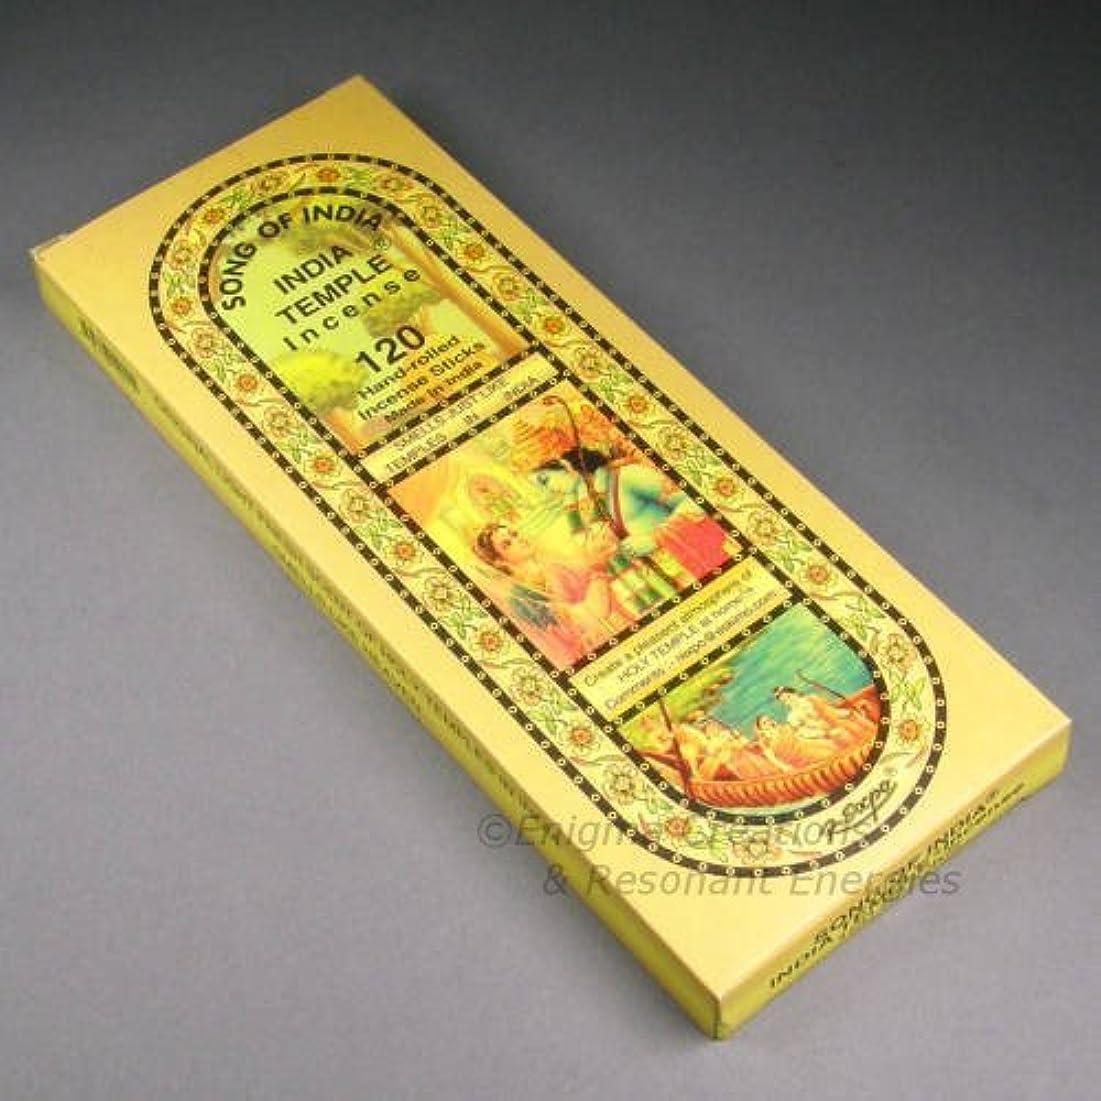 はっきりしない危機アセンブリSong of India - India Temple Incense, 120 Stick Pack, (IN9) by Song of India [並行輸入品]